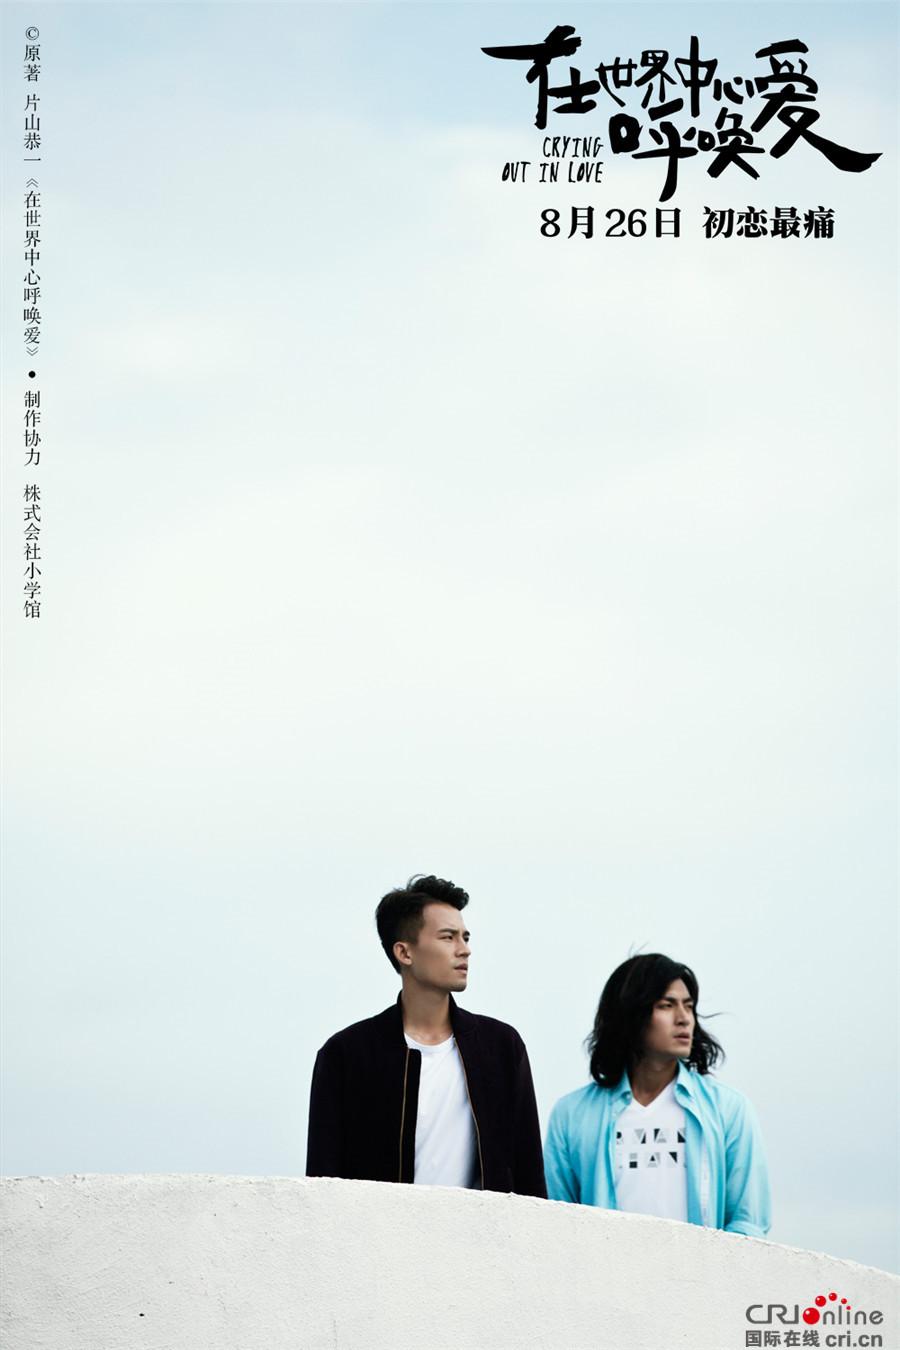 【爱若回首(微电影)】_【2013年电影爱若回首(微电... - 九酷电影